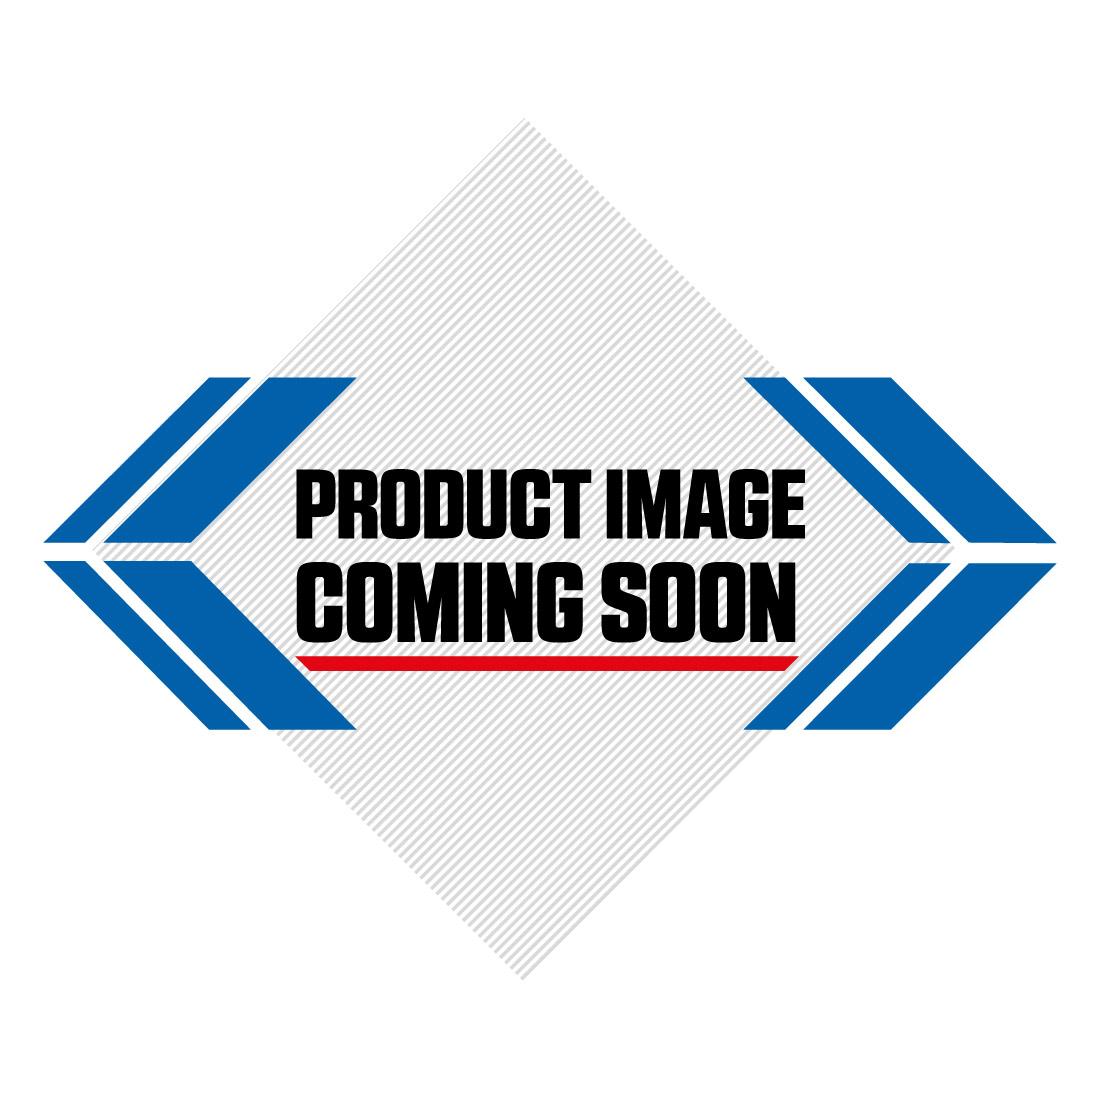 MDR Pro Bite Footpegs KTM SX 85 (03-16) Husqvarna TC 85 (14-16)